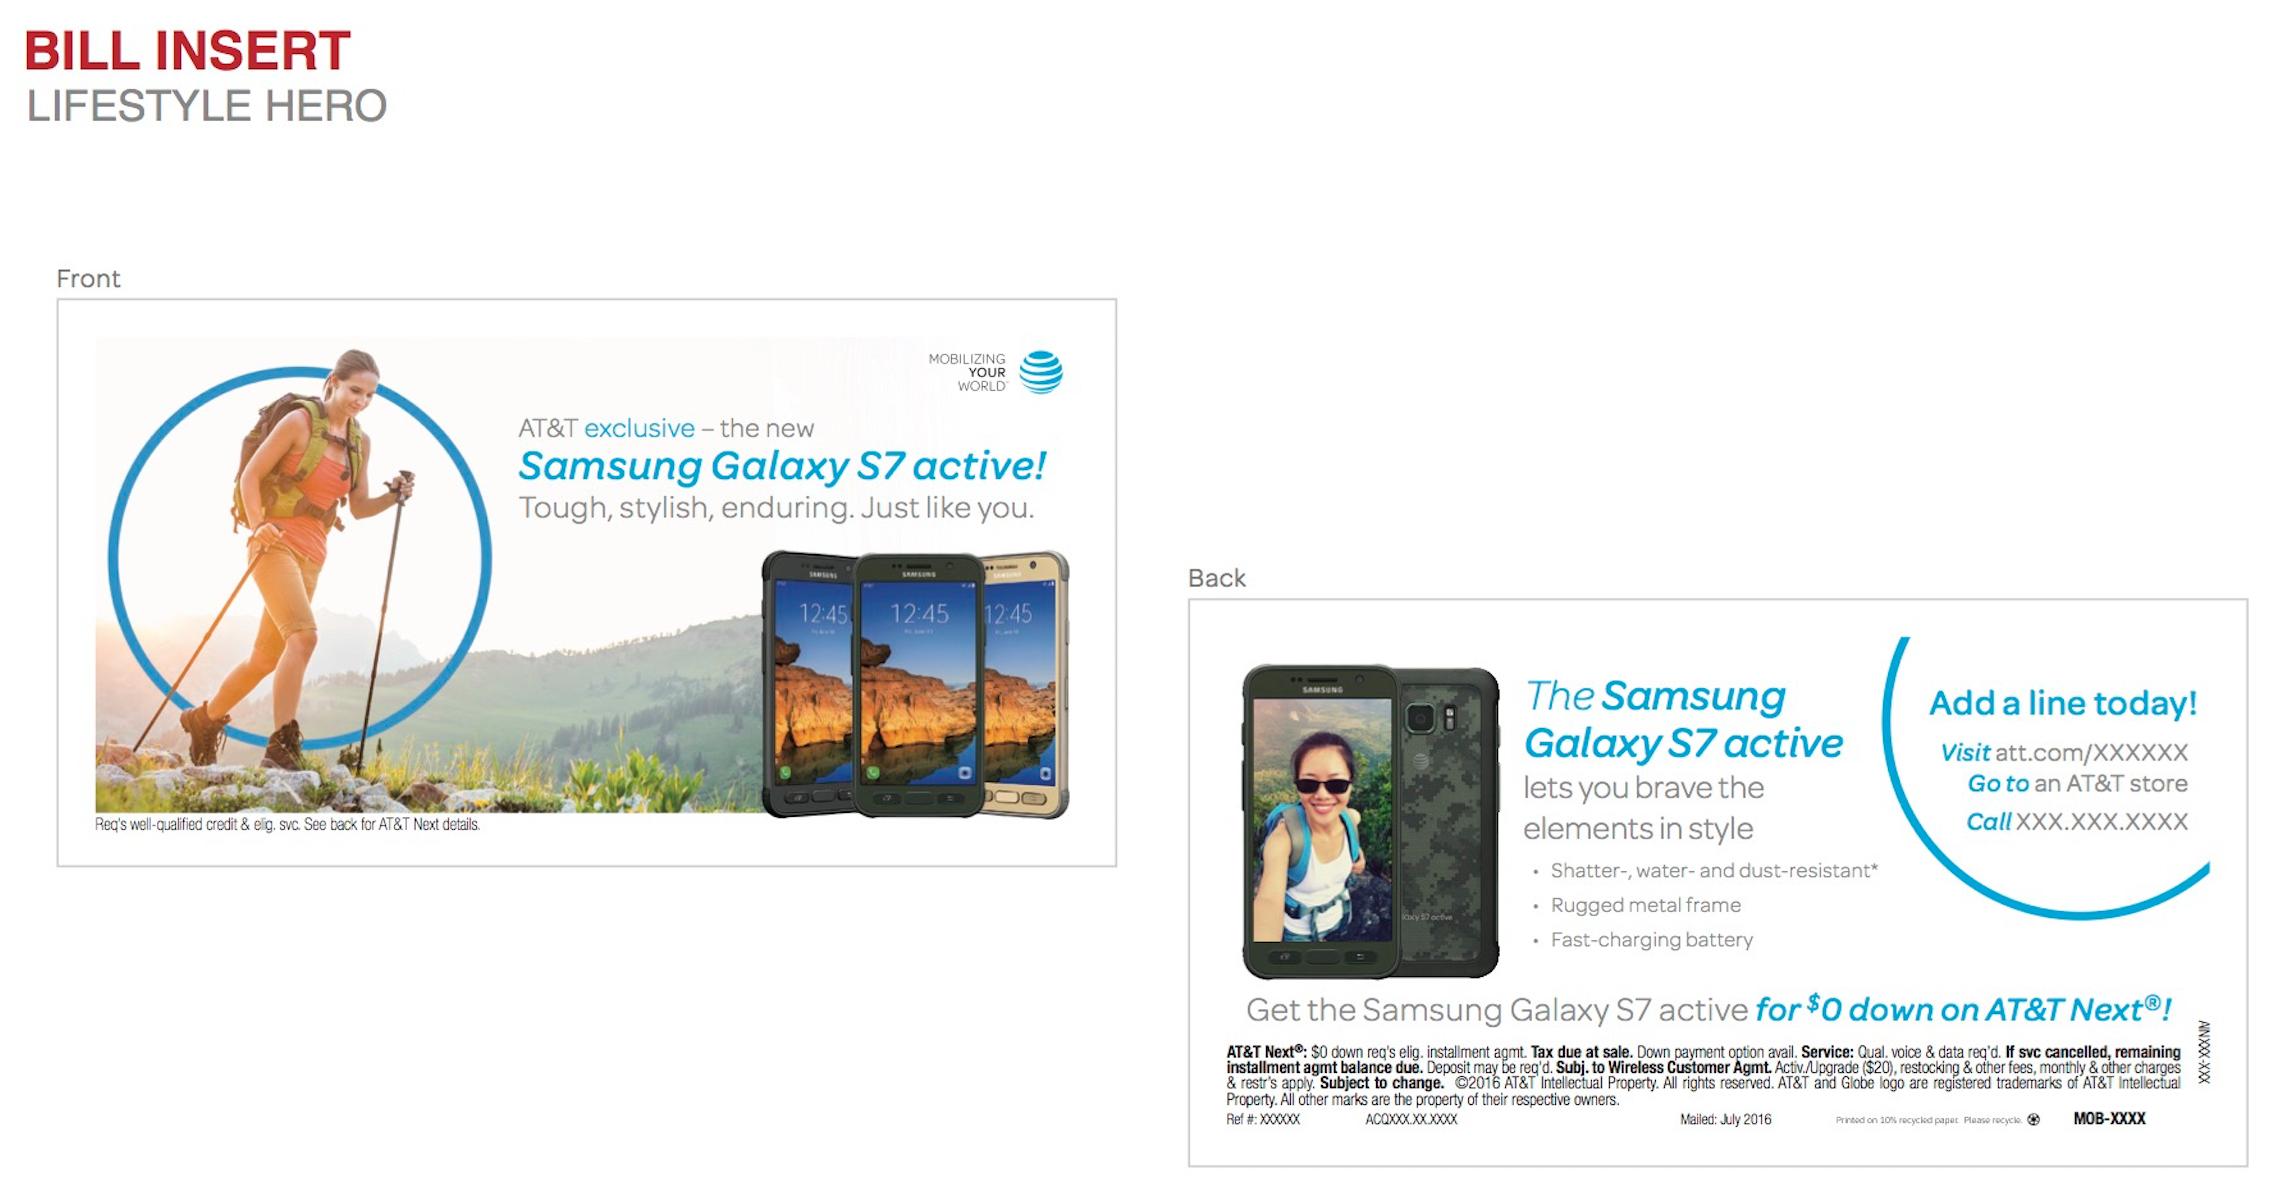 Samsung Bill Insert 2 2.jpg